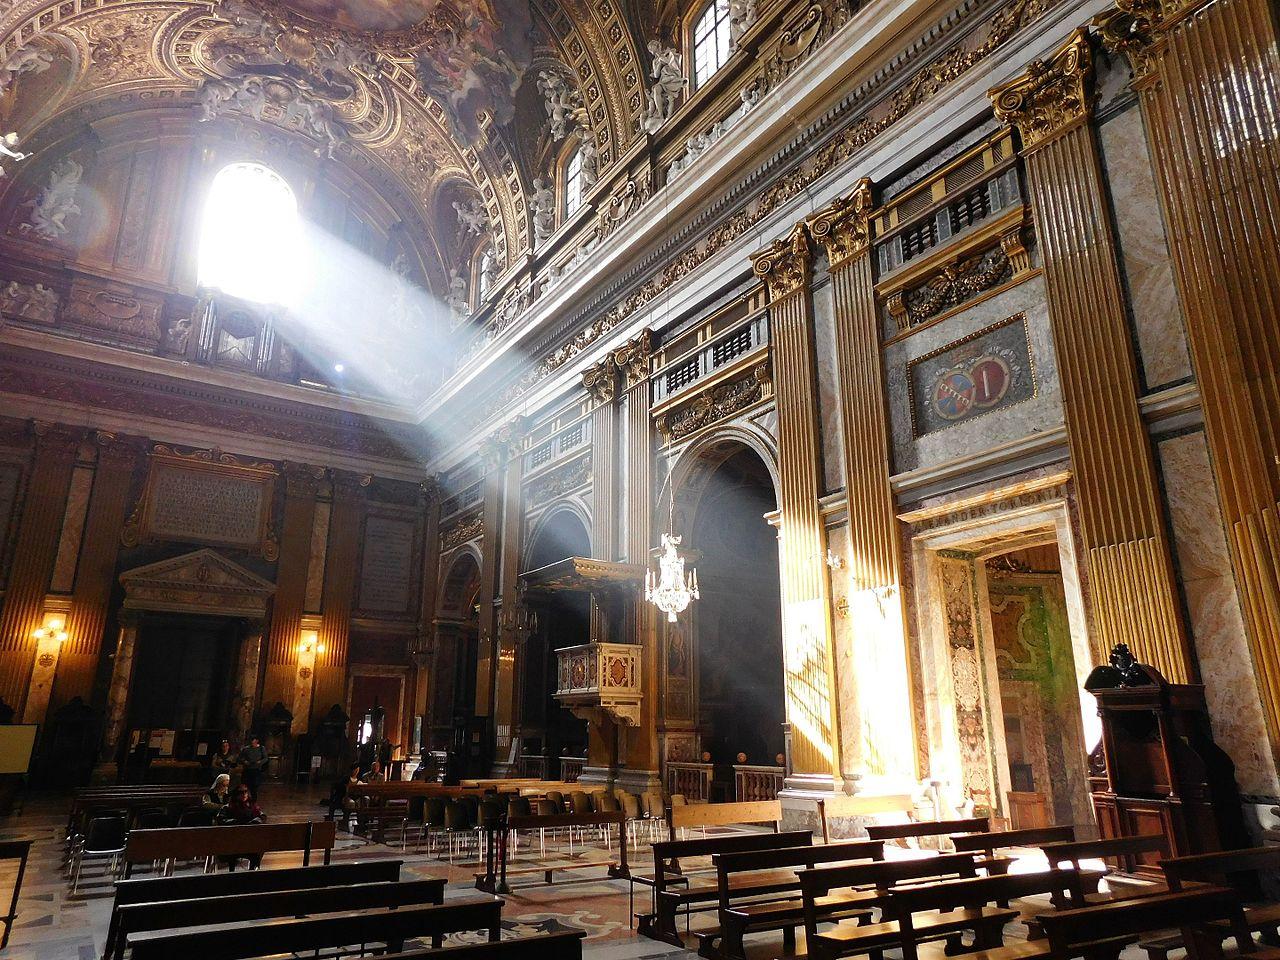 Biserica II Gesu111